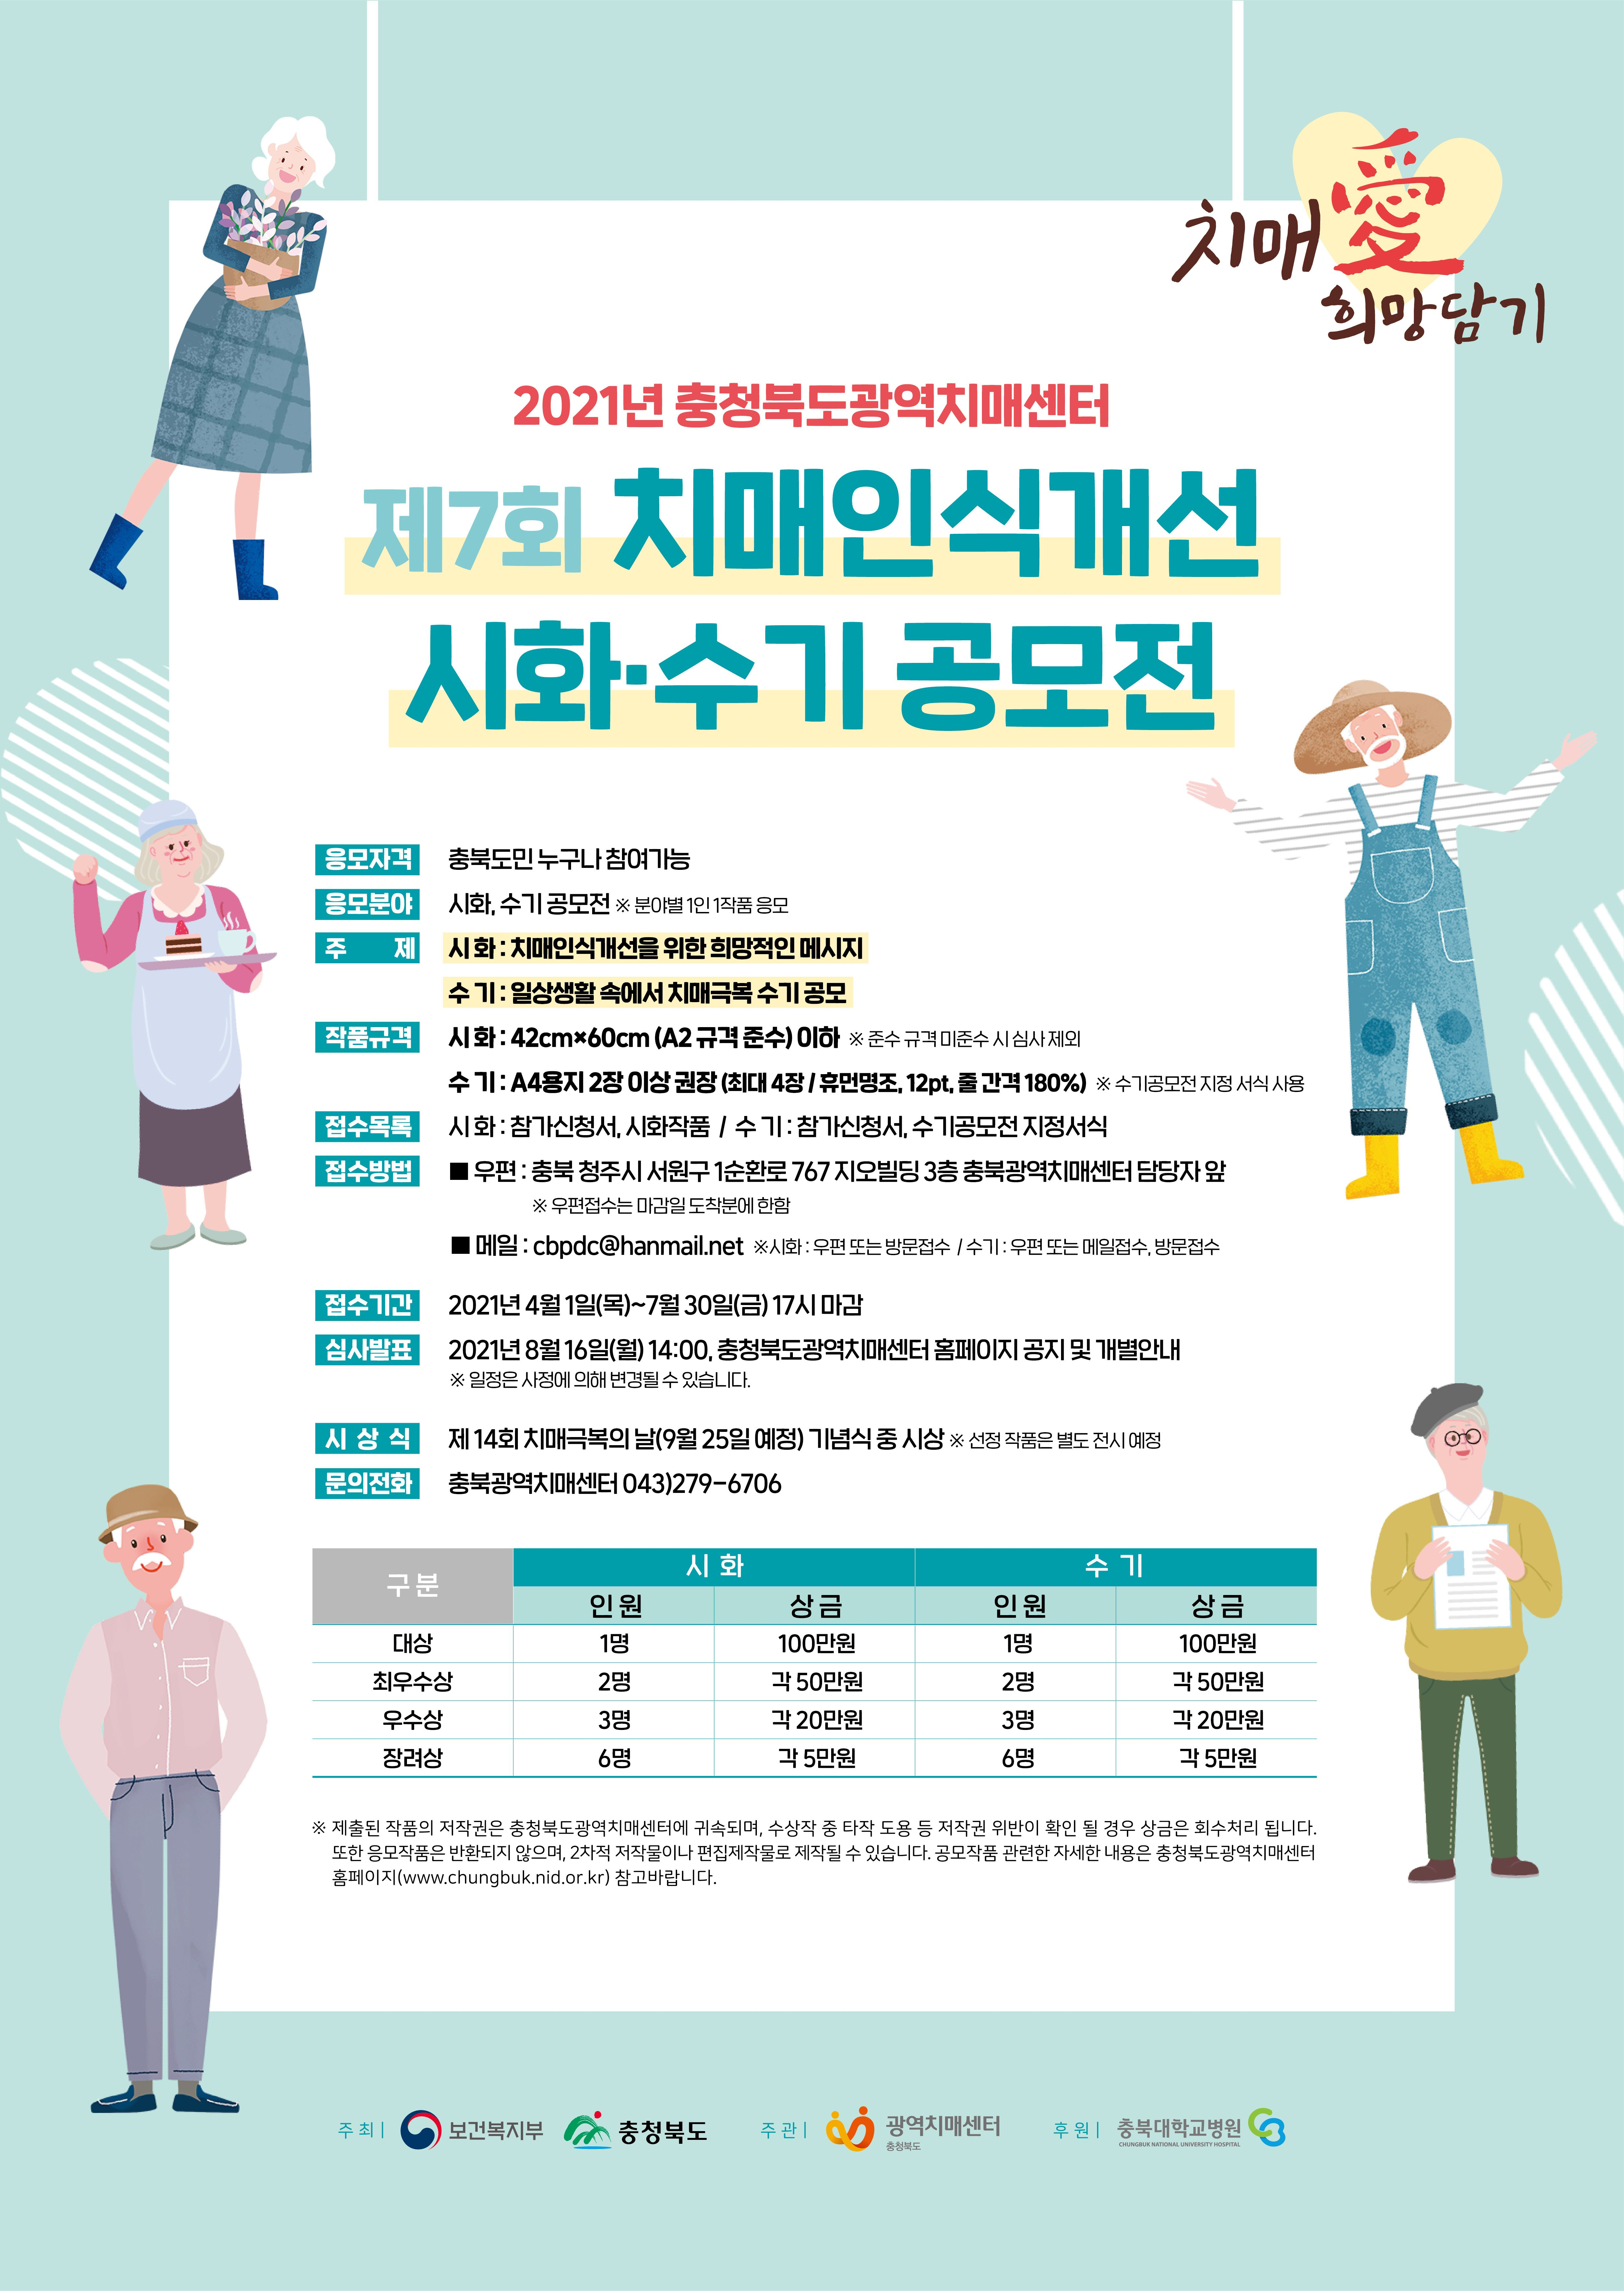 충청북도광역치매센터 2021년 제 7회 치매인식개선 시화·수기 공모전